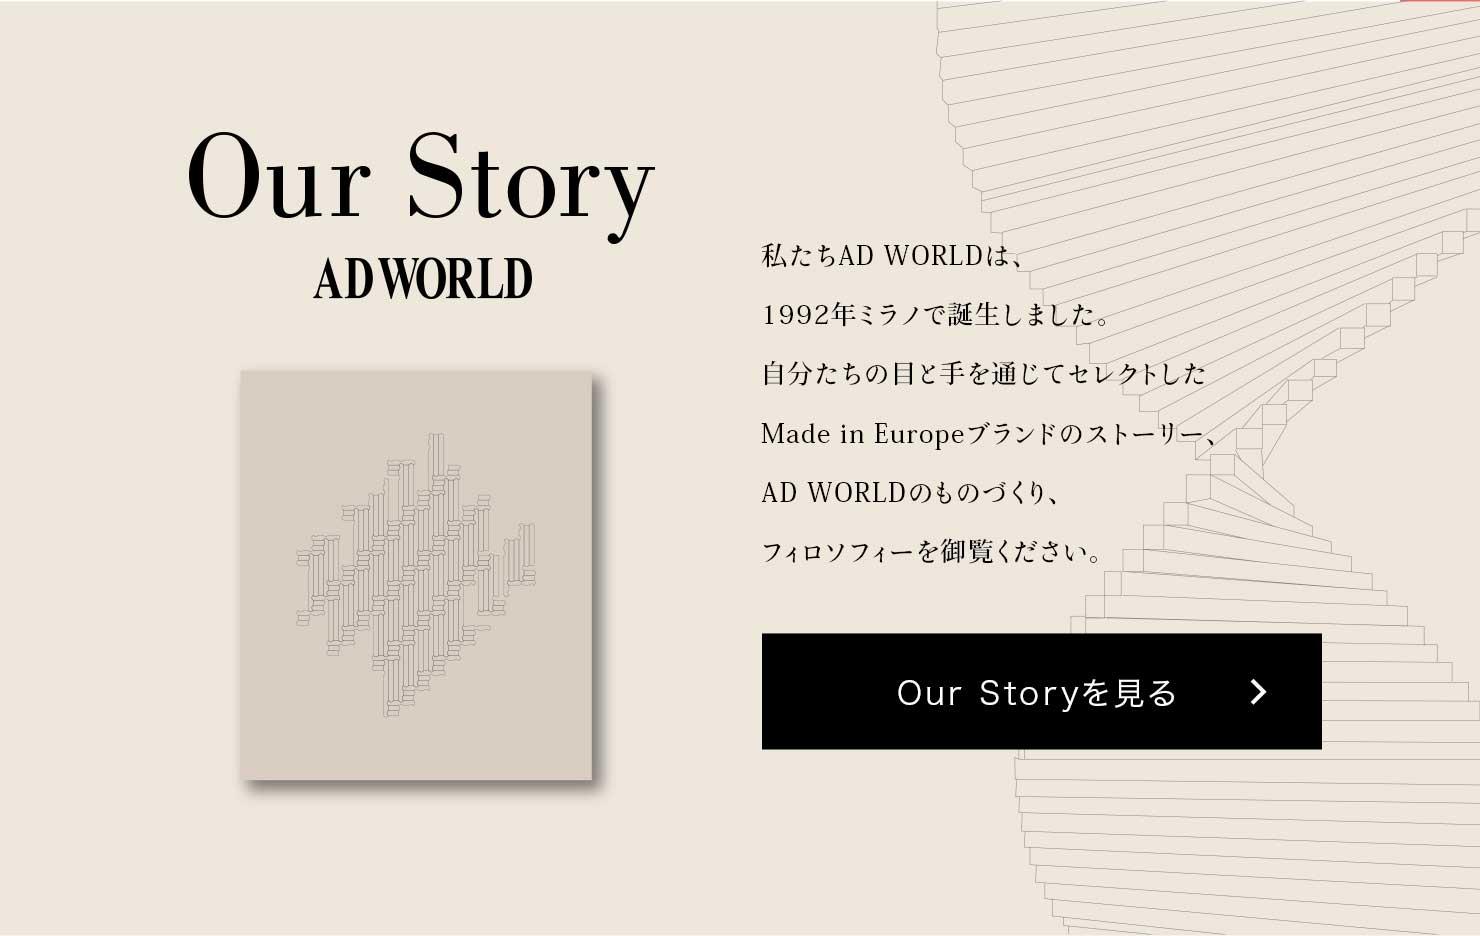 Our Story ADWORLD 私たちAD WORLDは、1992年ミラノで誕生しました。自分たちの目と手を通じてセレクトしたMade in Europeブランドのストーリー、AD WORLDのものづくり、フィロソフィーを御覧ください。Our Storyを見る